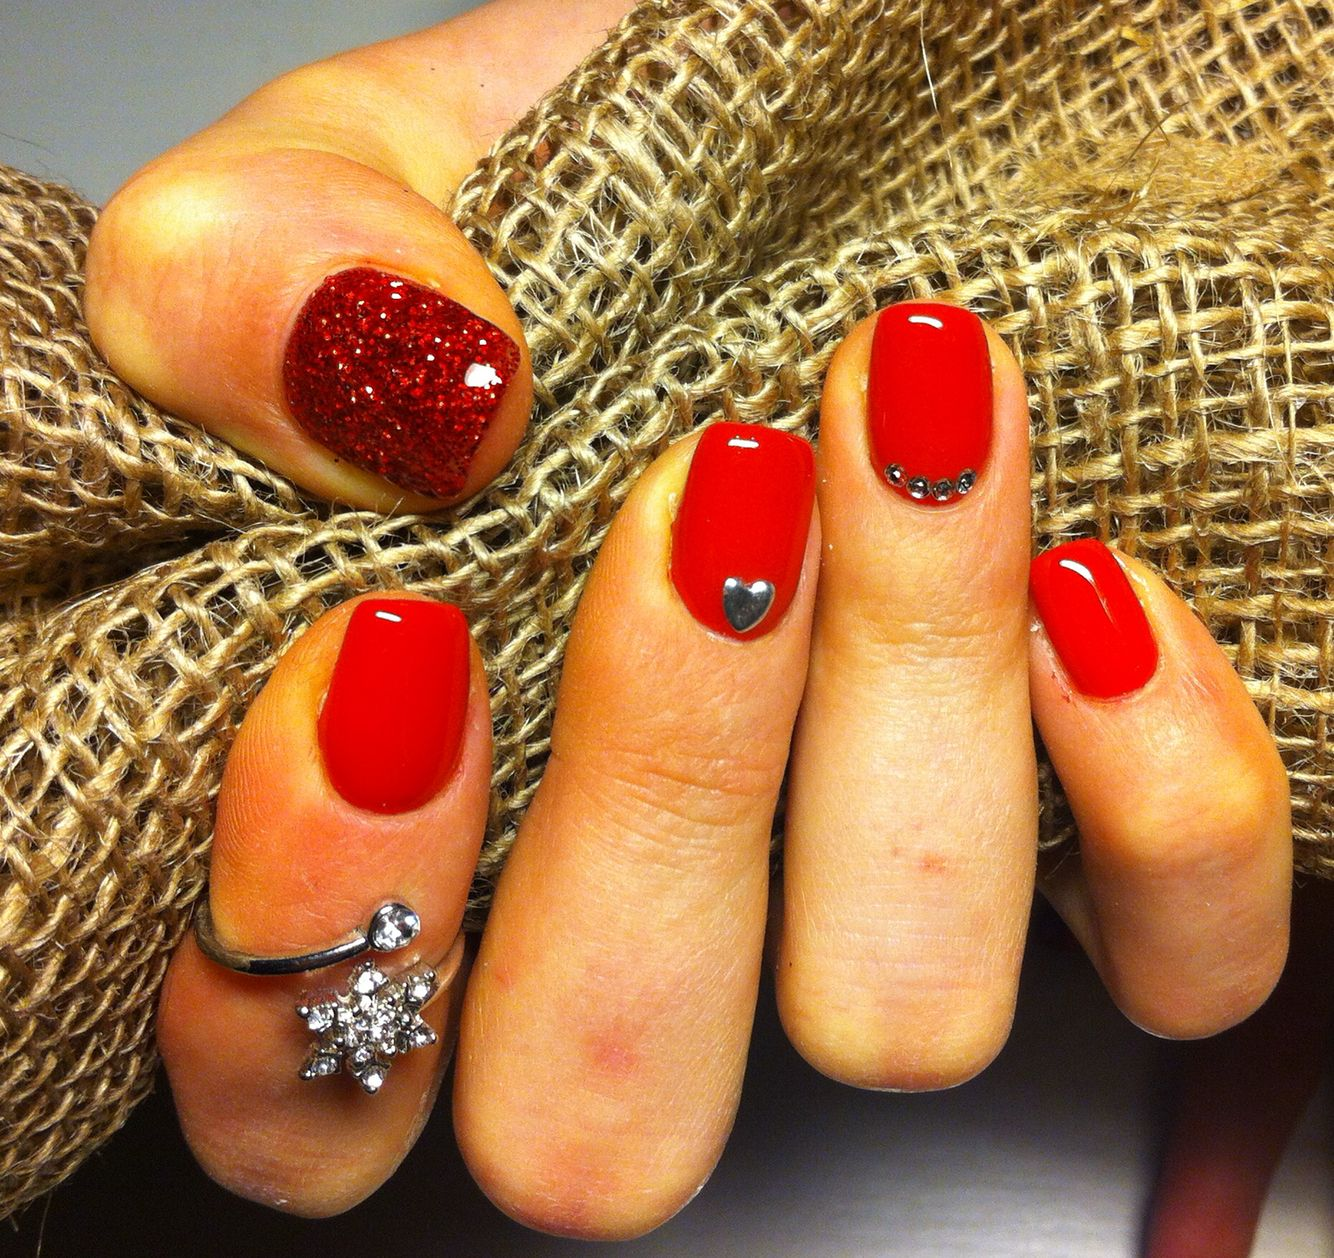 Ricostruzione unghie gel rosse | Unghie gel, Unghie rosse ...